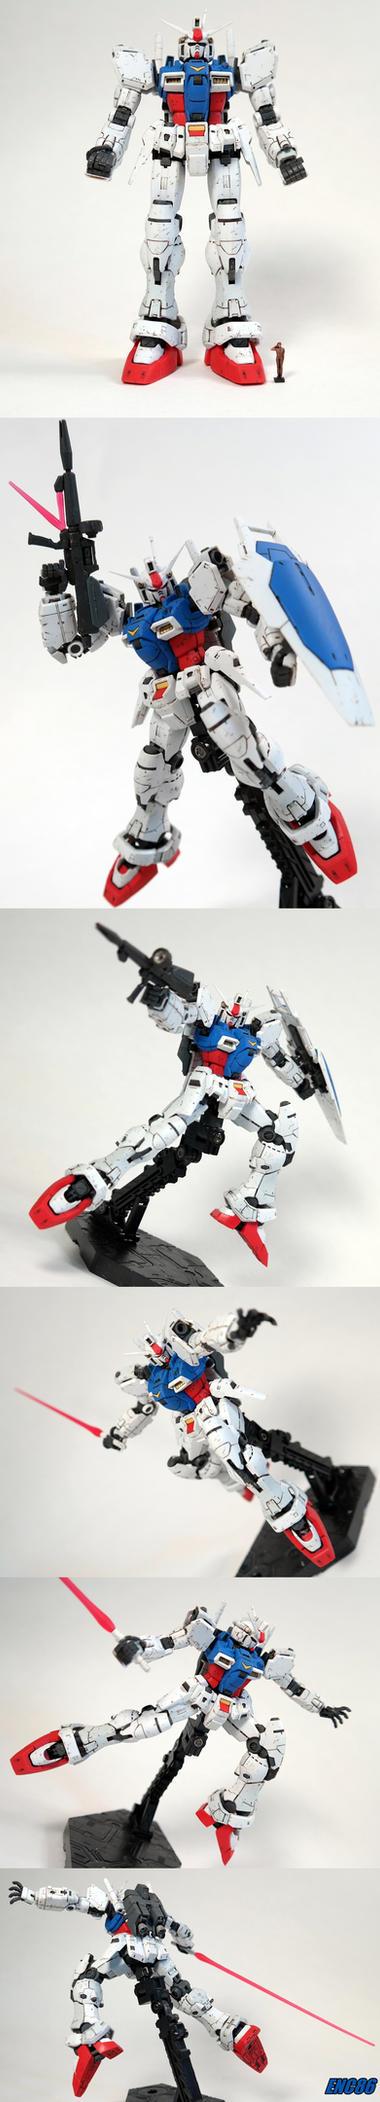 RX-78GP01 by enc86